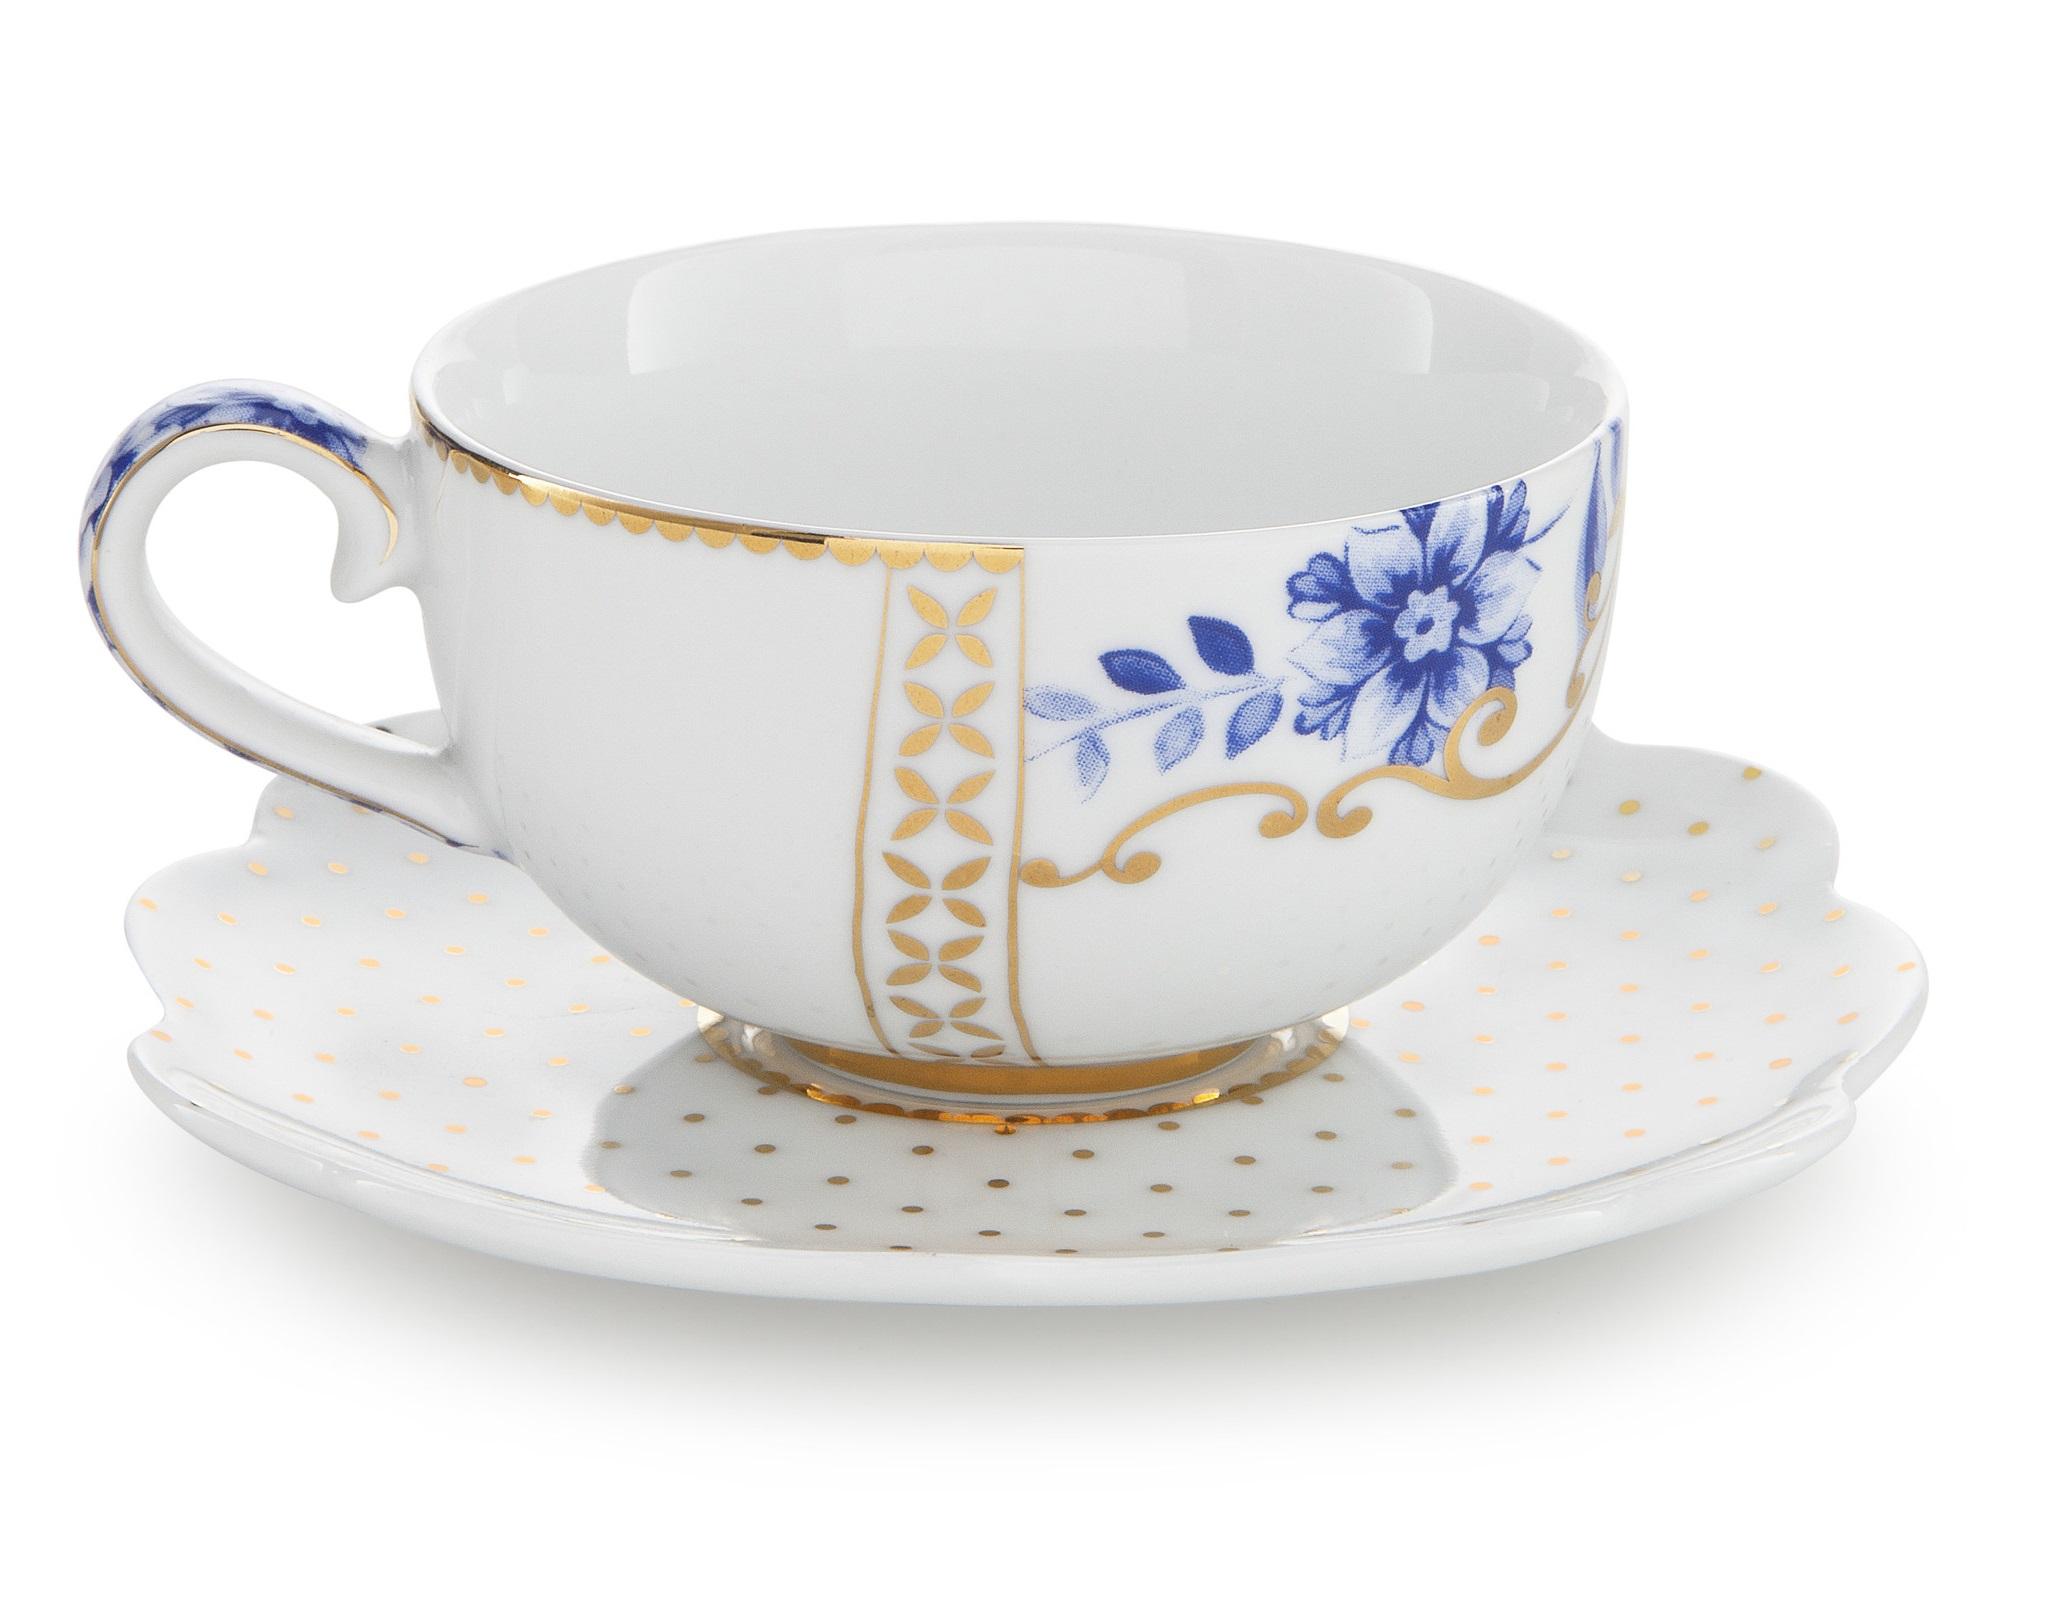 Набор маленьких чашек с блюдцами Royal White (2шт)Чайные пары, чашки и кружки<br>Объём 125 мл. Не использовать в микроволновой печи. Не рекомендуется мыть в посудомоечной машине.<br><br>Material: Фарфор<br>Width см: None<br>Depth см: None<br>Height см: 4.5<br>Diameter см: 7,5